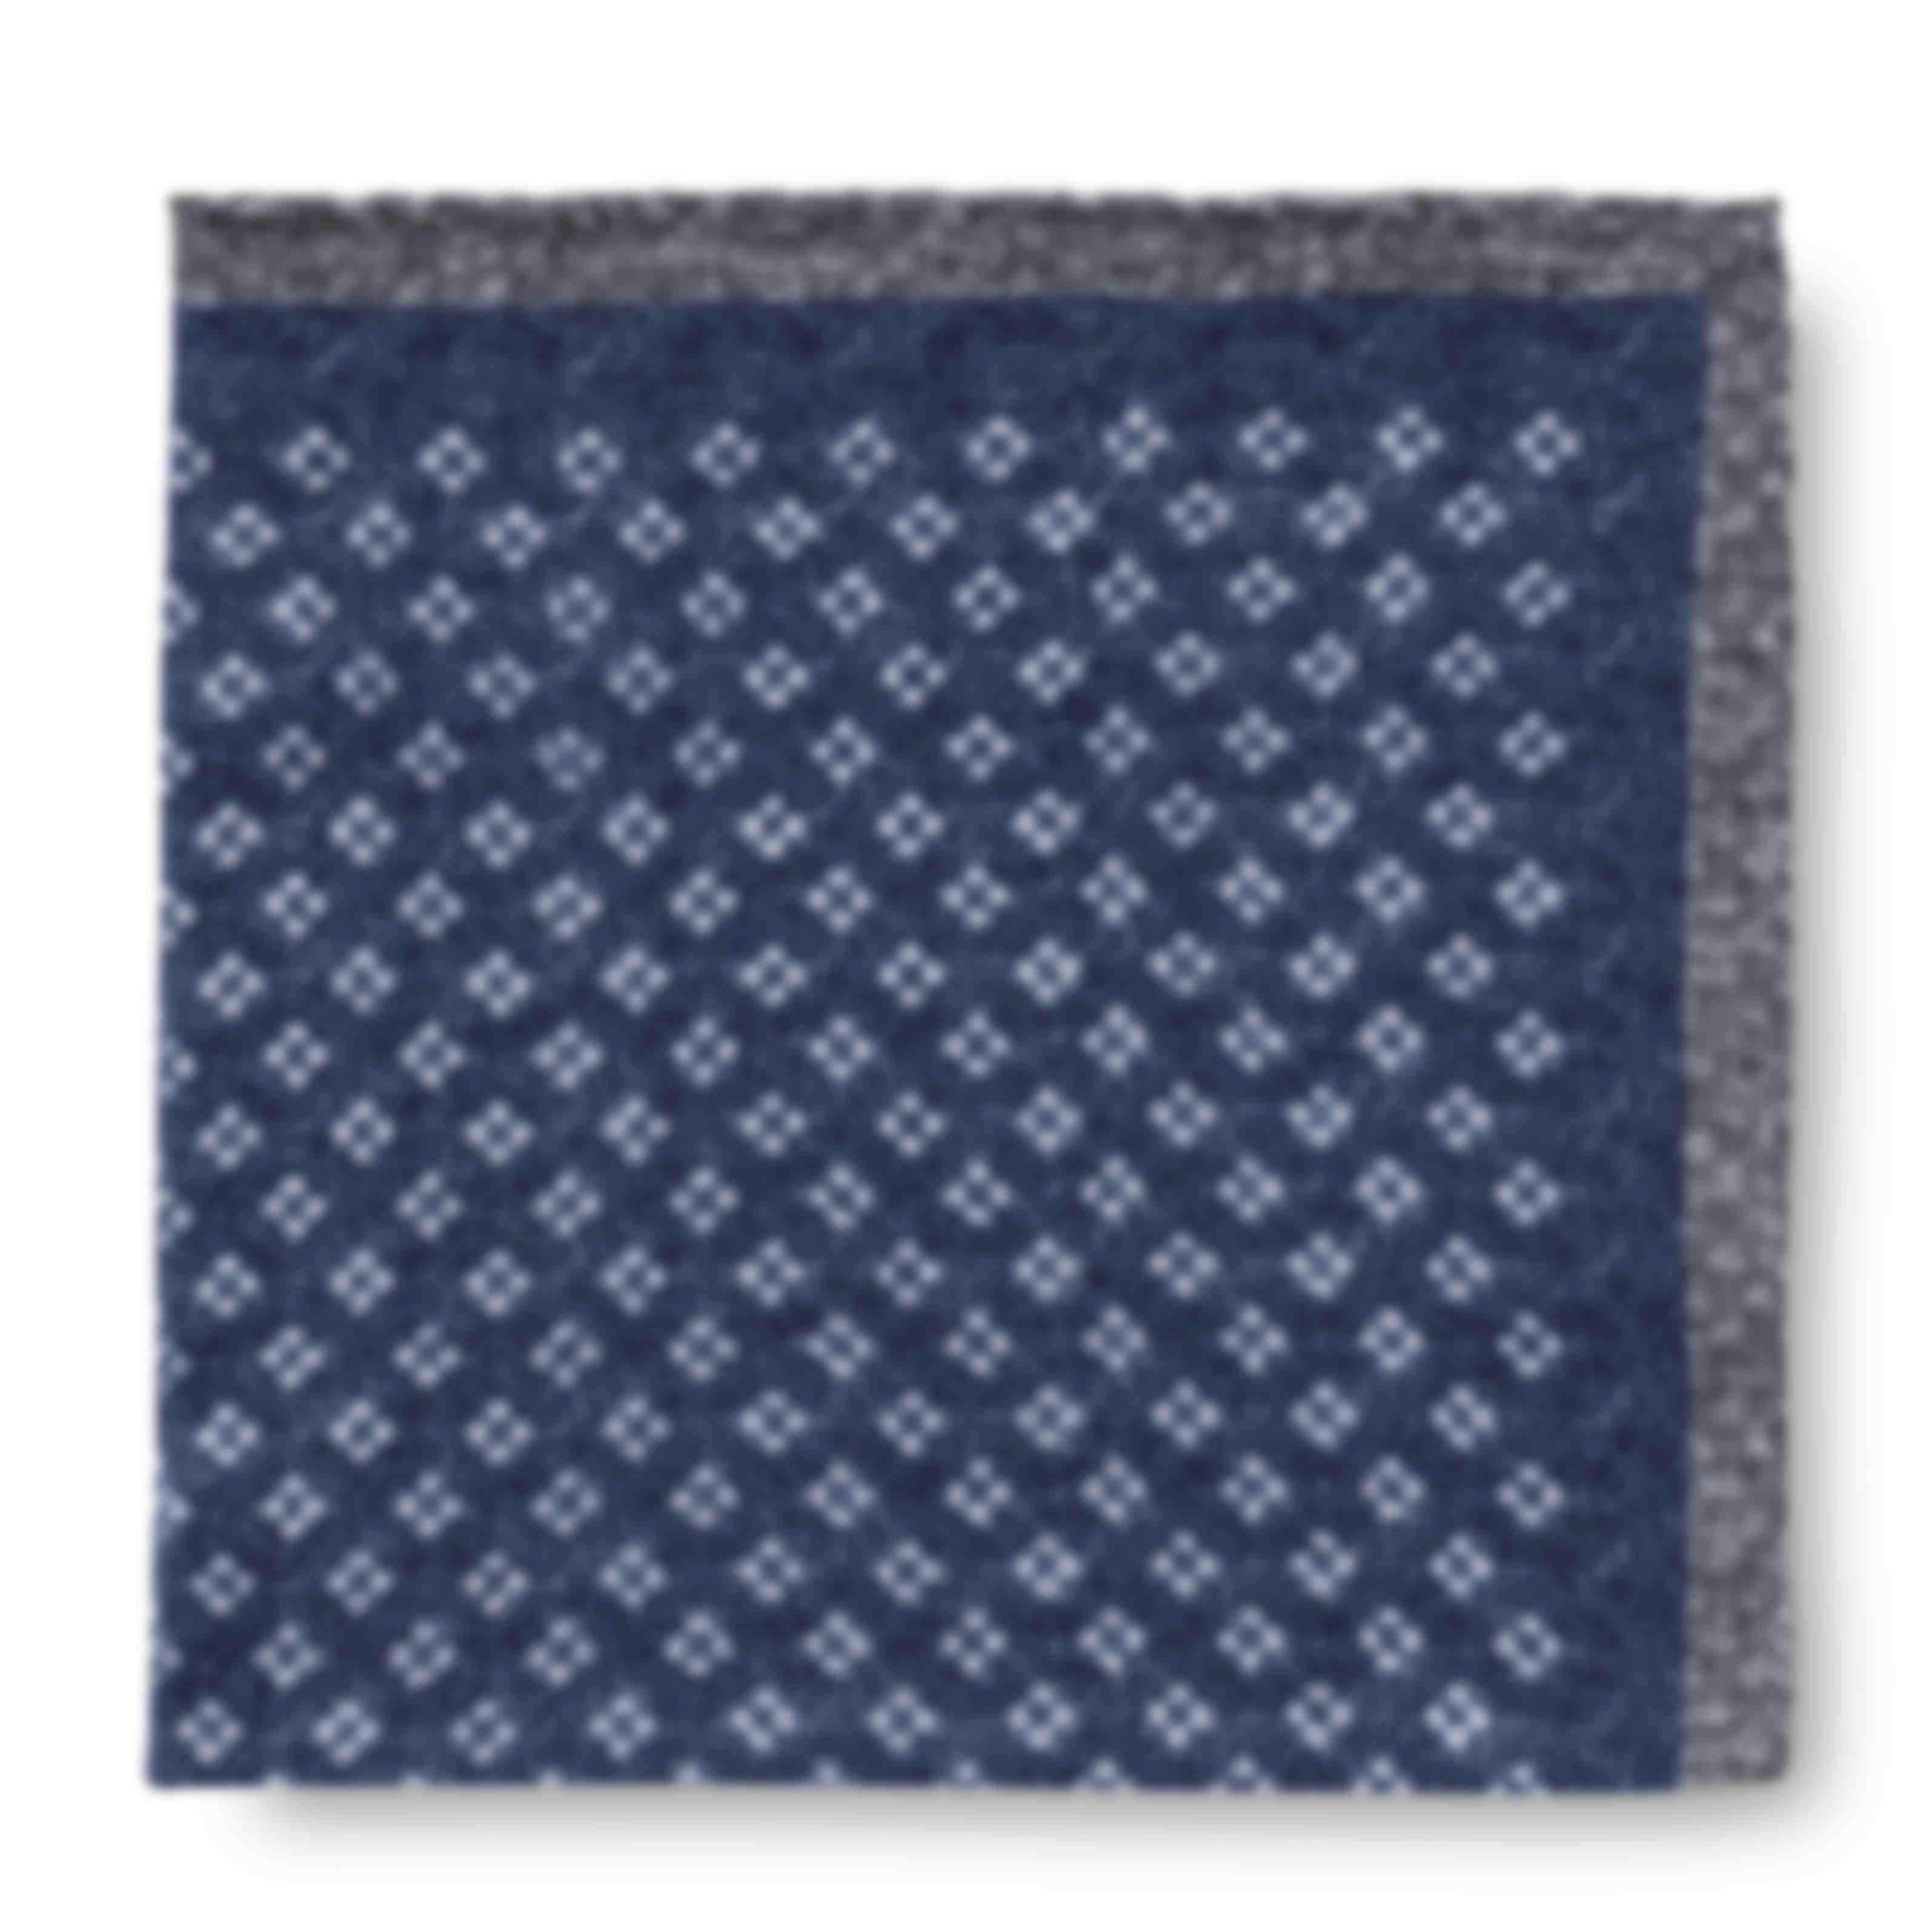 Pochette sur mesure cachemire motif bleu Atelier Mesure